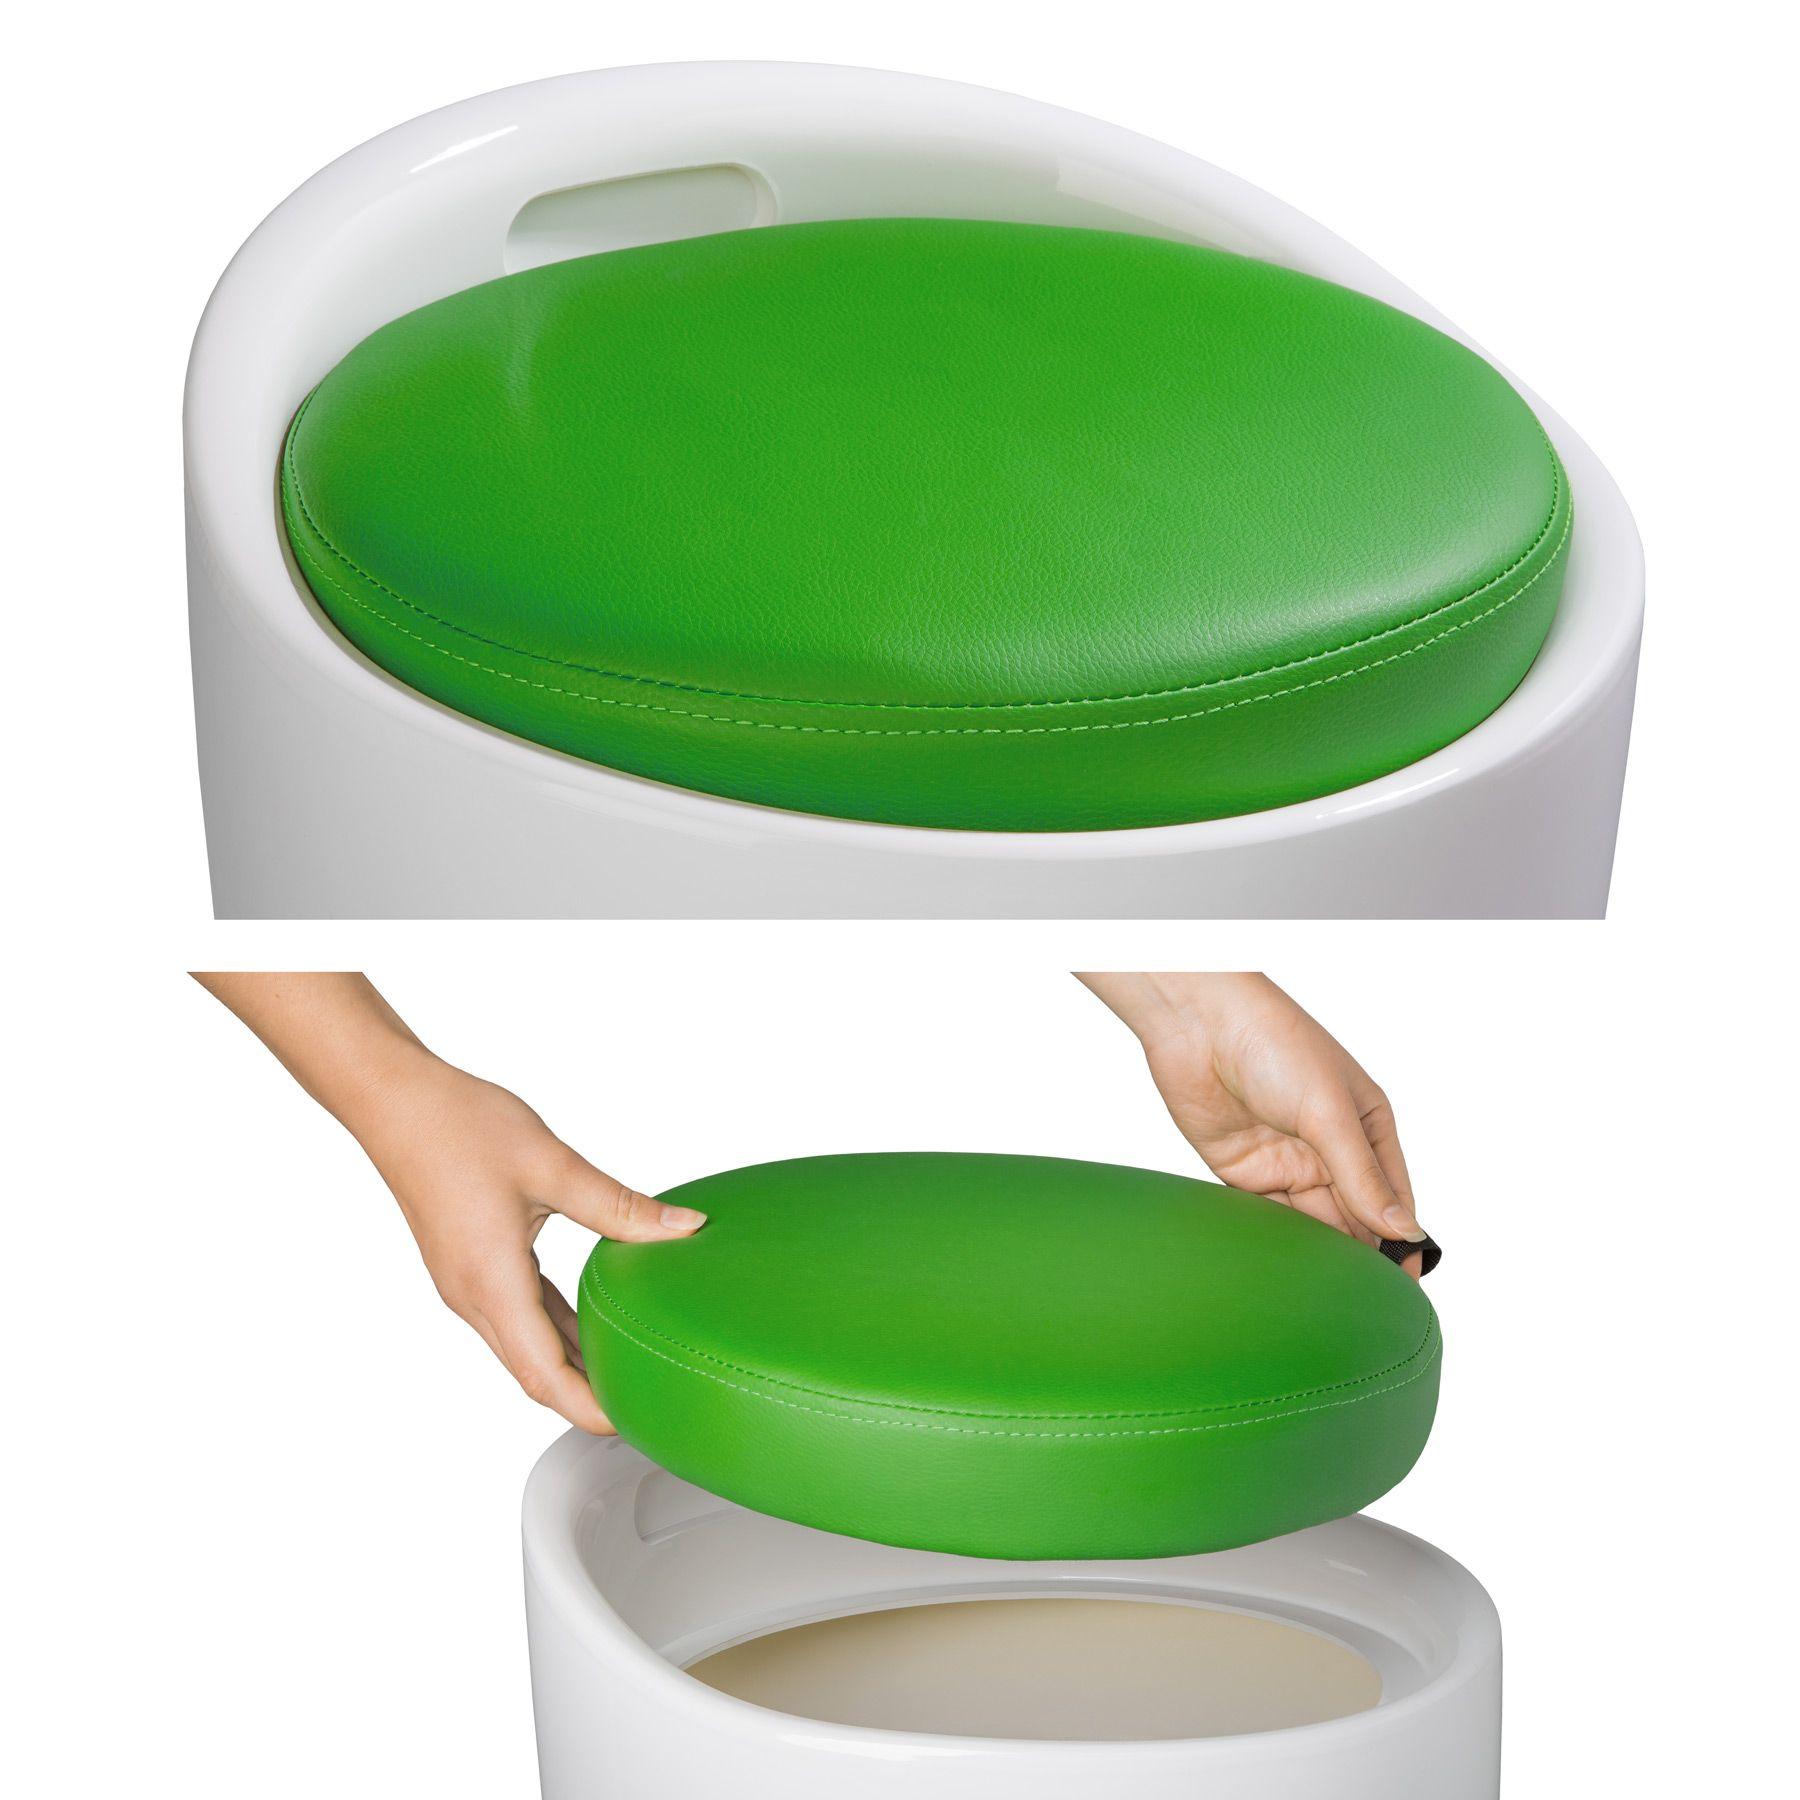 sitzhocker badhocker hocker bad arbeitshocker rund kunststoff mit stauraum gr n ebay. Black Bedroom Furniture Sets. Home Design Ideas